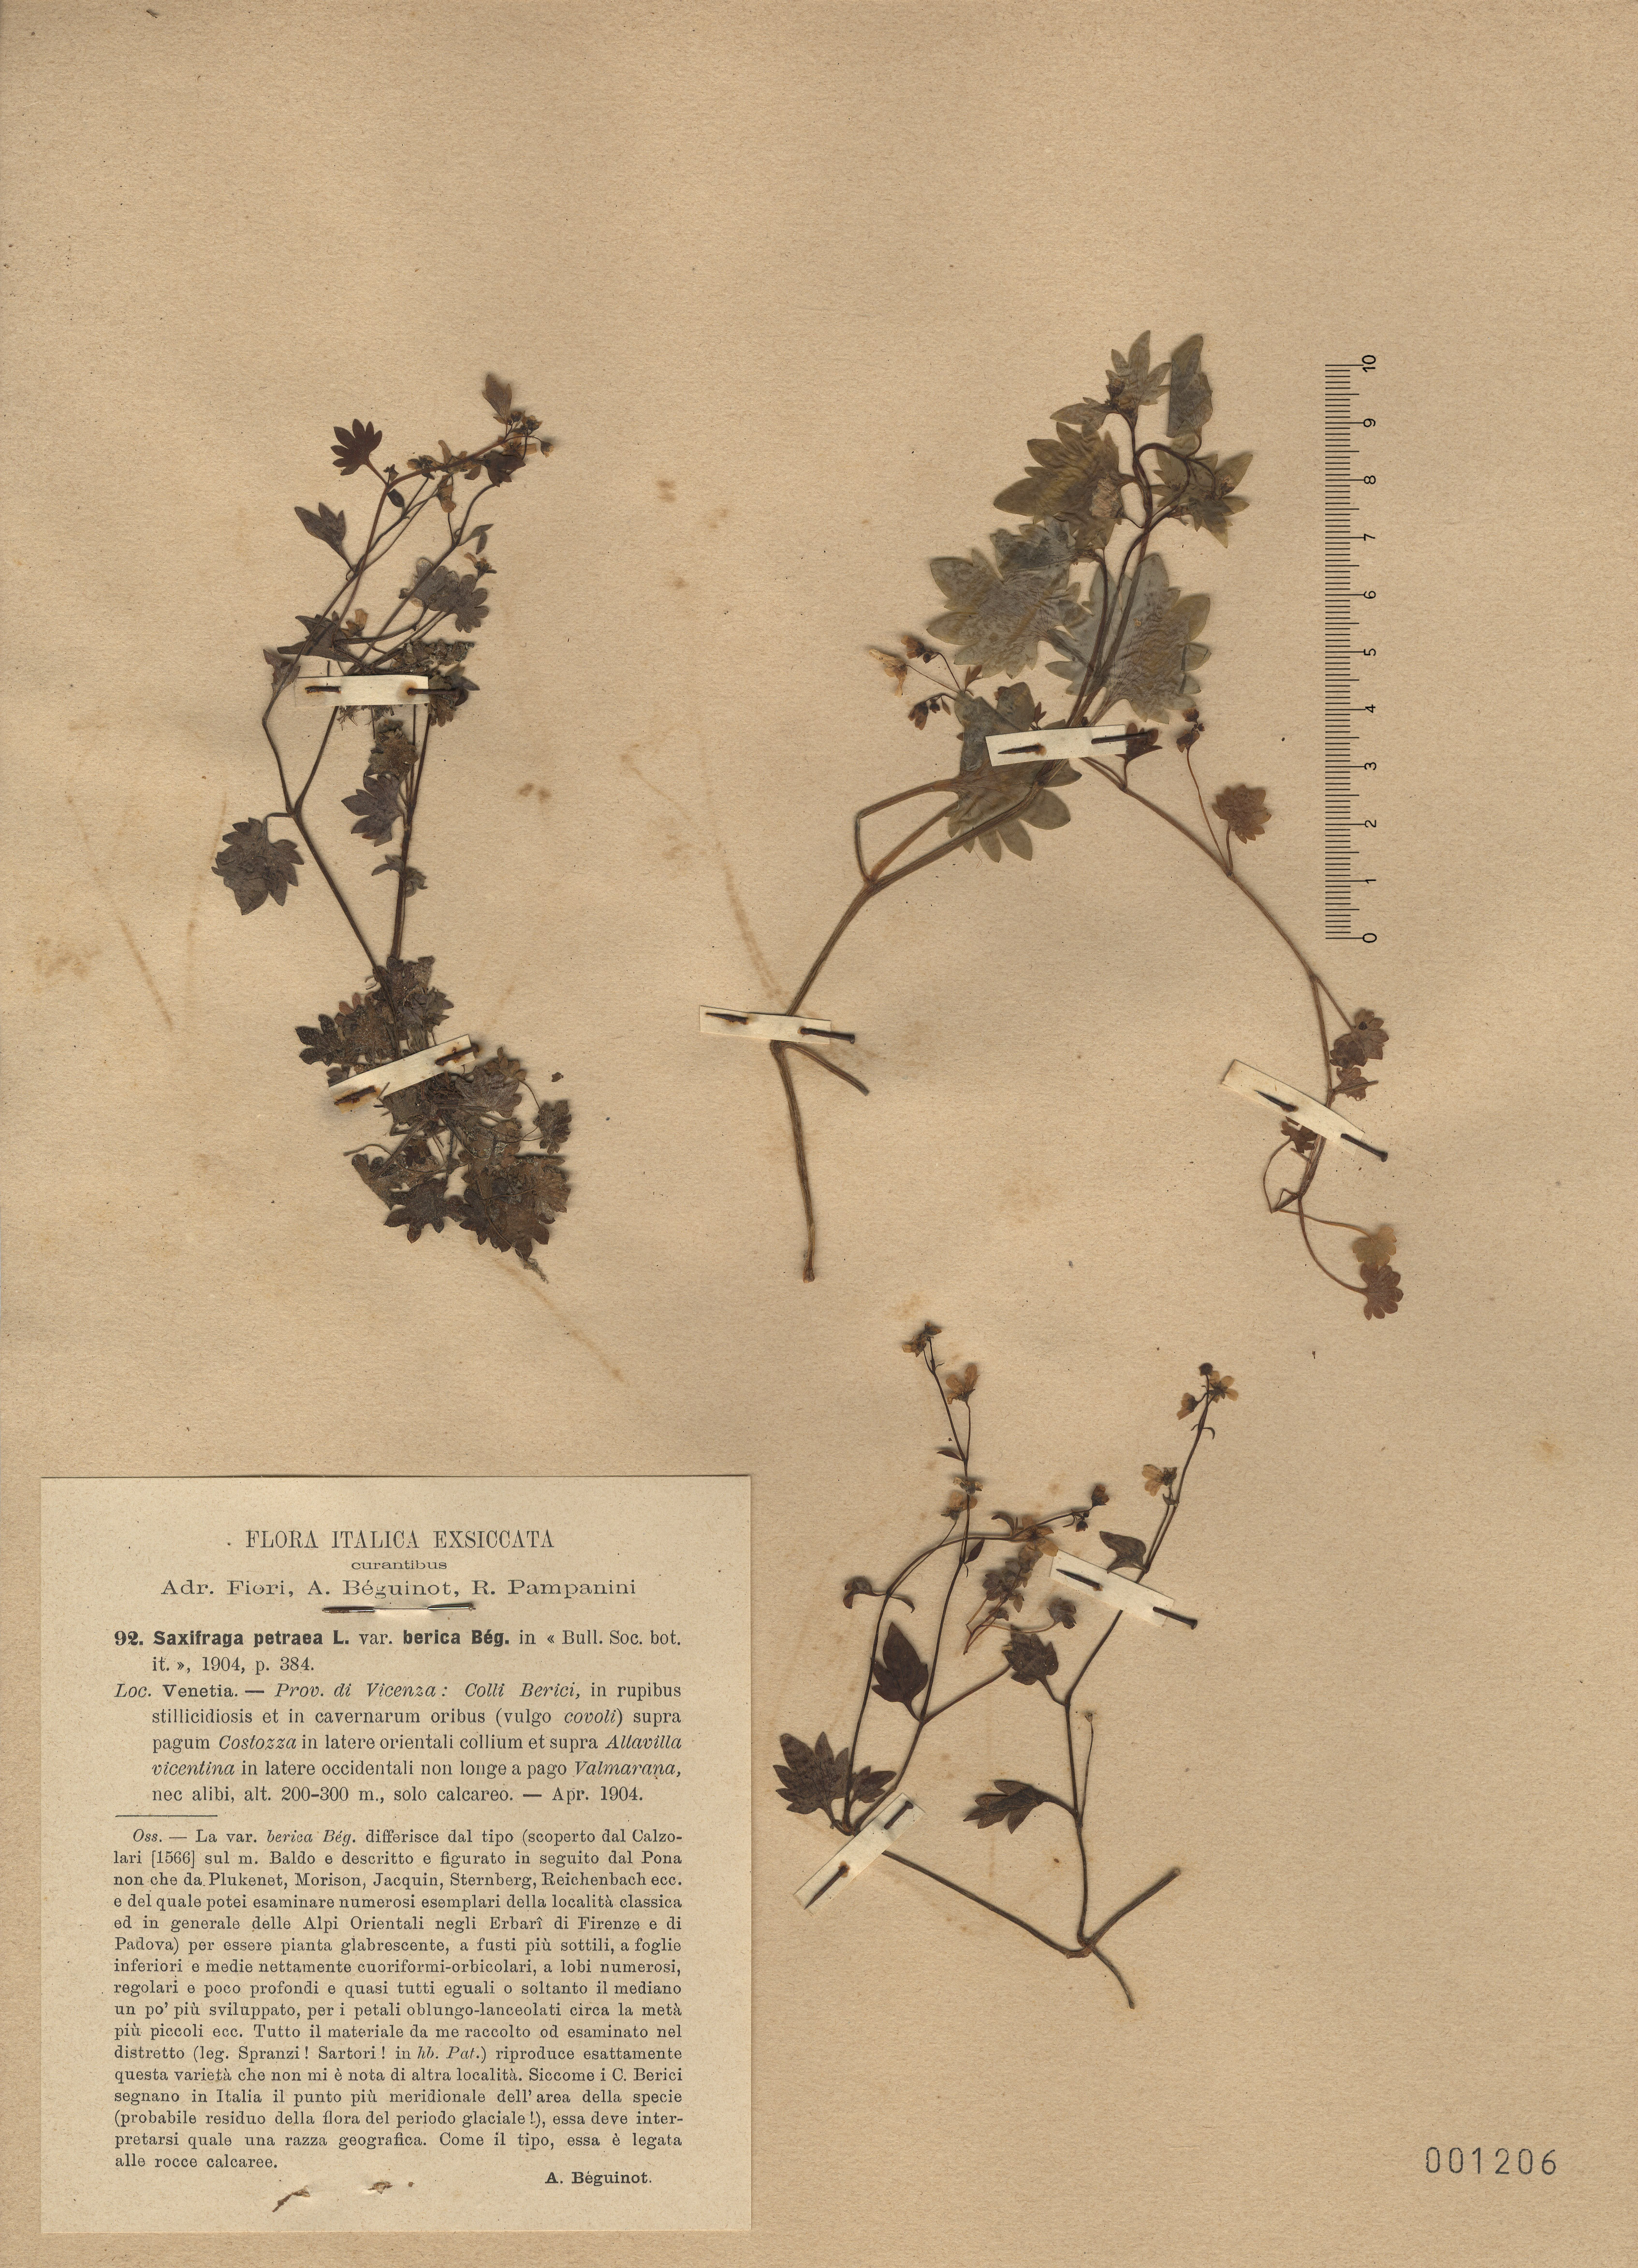 © Hortus Botanicus Catinensis - Herb. sheet 001206<br>